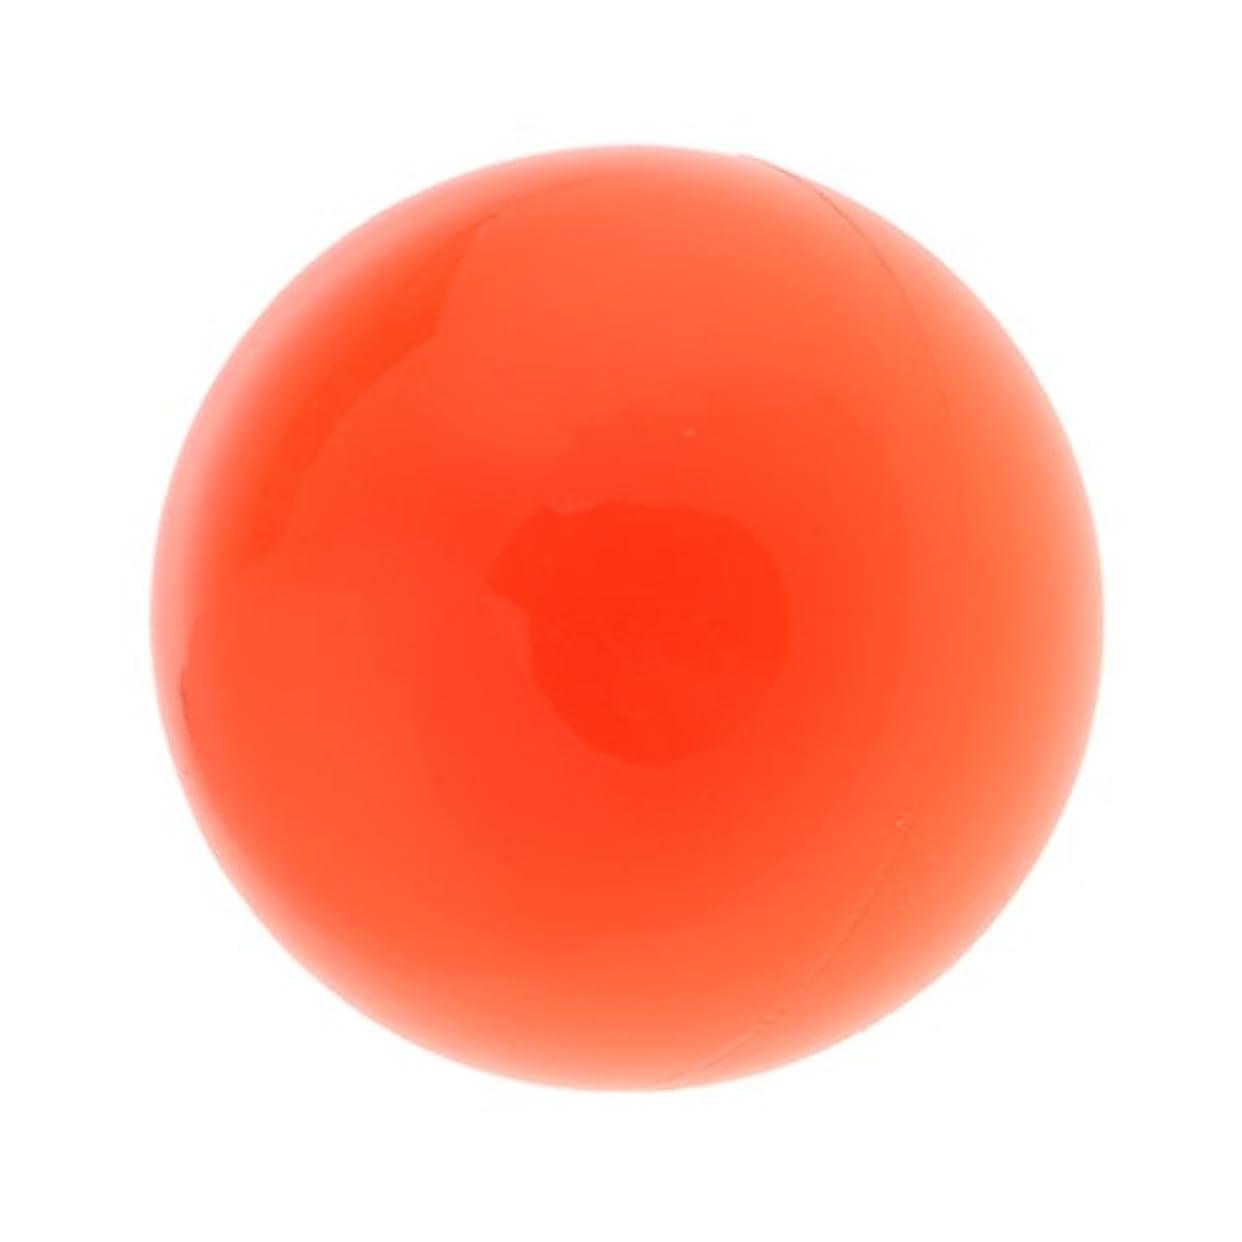 クラブワゴン永久CUTICATE ポイントマッサージ ボール ラクロスマッサージボール マッサージ ソフト トレーニング